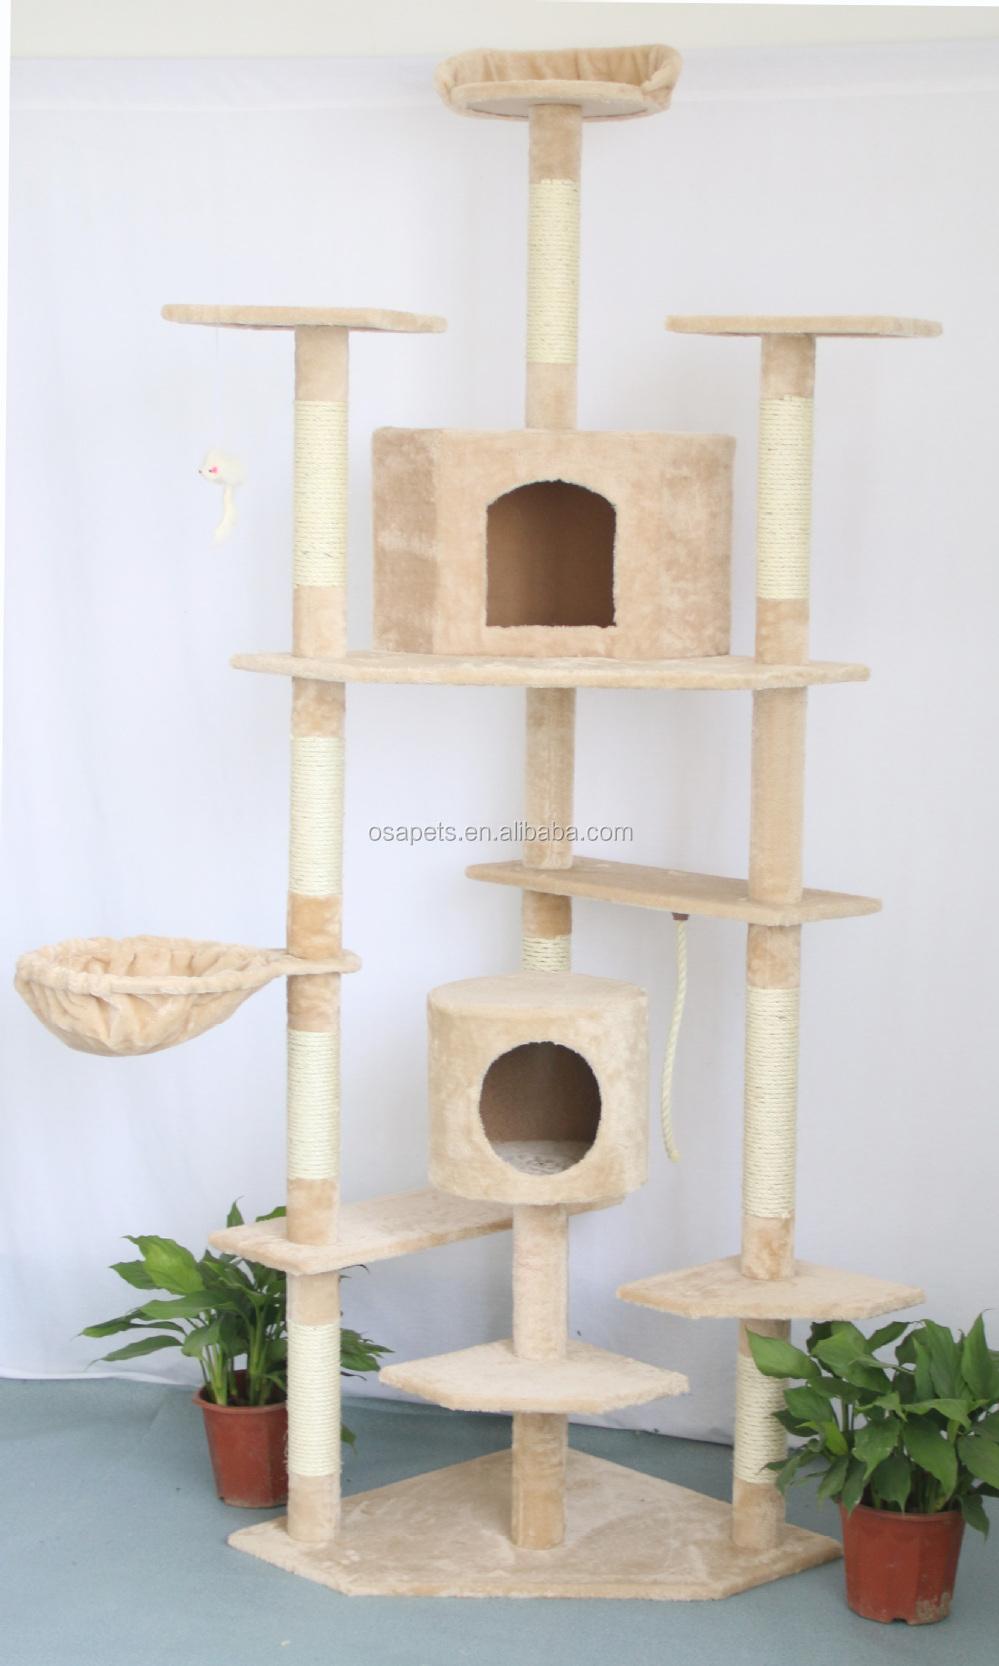 Chat arbre chat maison naturel sisal corde jouets pour for Arbre maison jouet